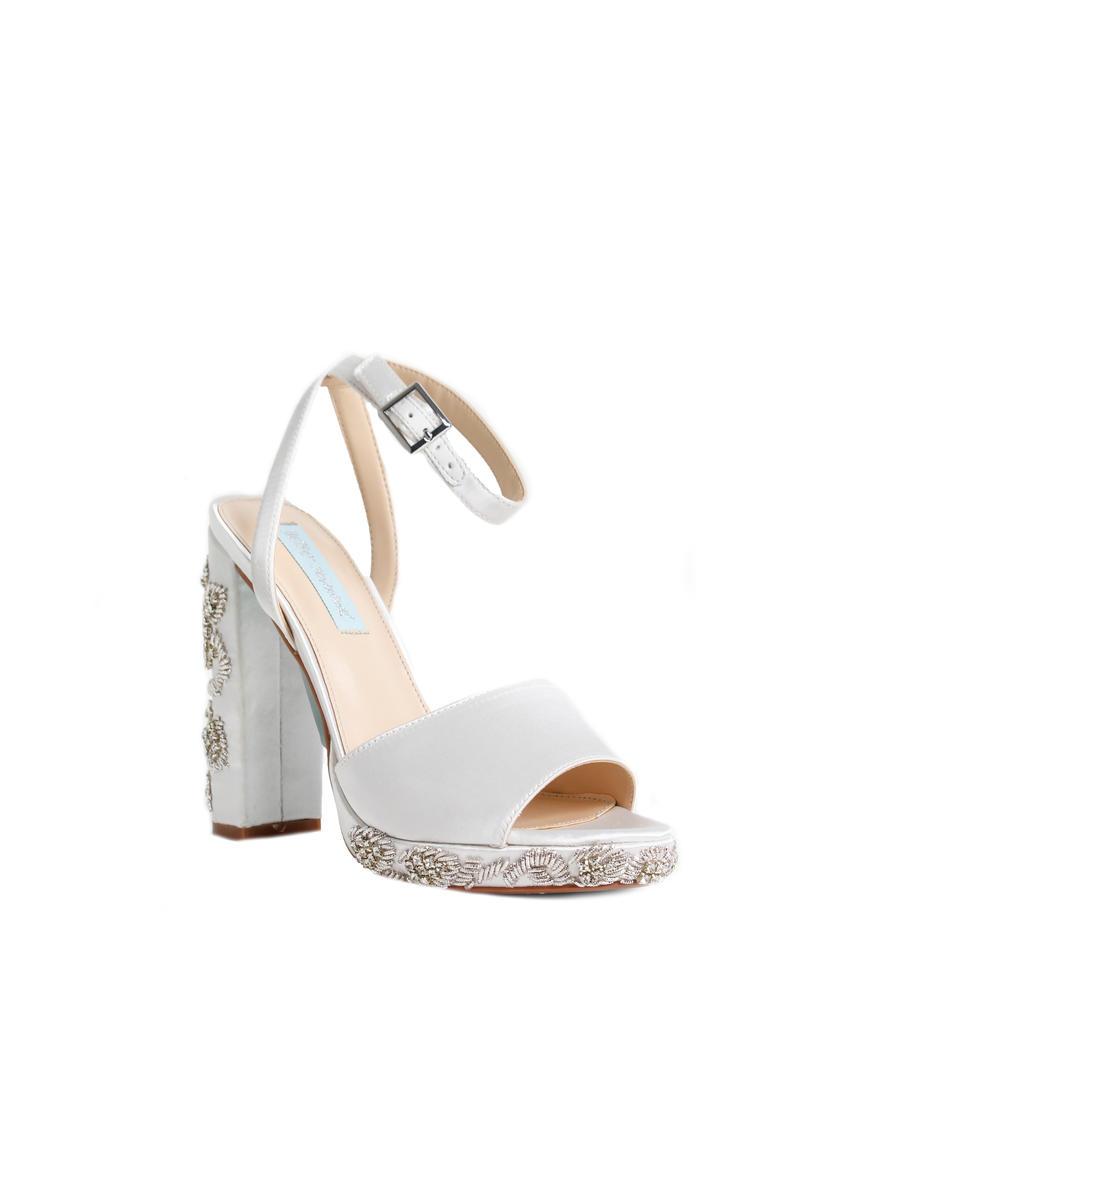 Embellished Heel Ankle Strap Platform